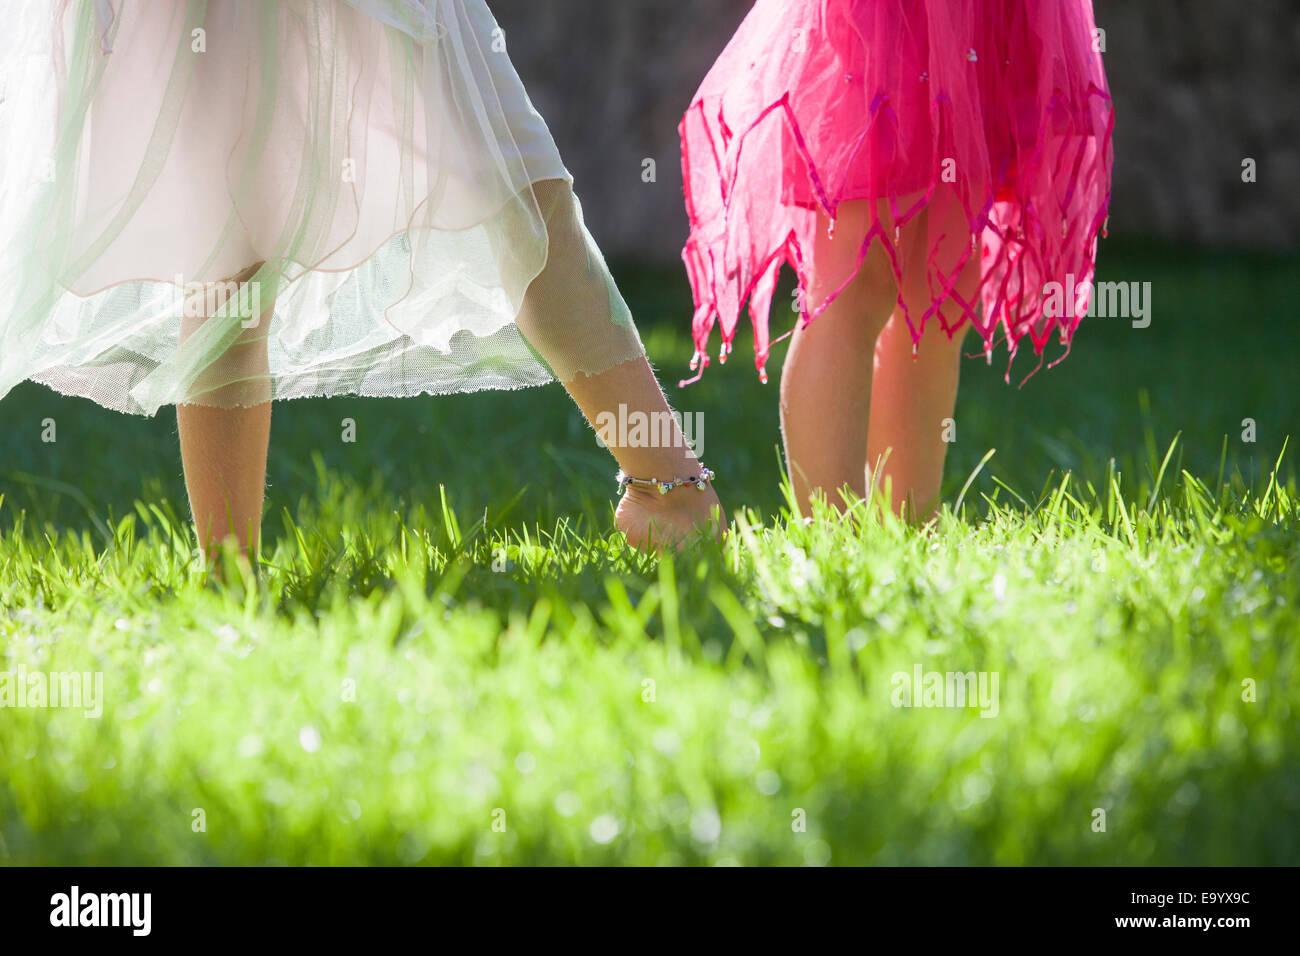 Captura recortada de la piernas de dos niñas en traje de hada en el jardín Imagen De Stock